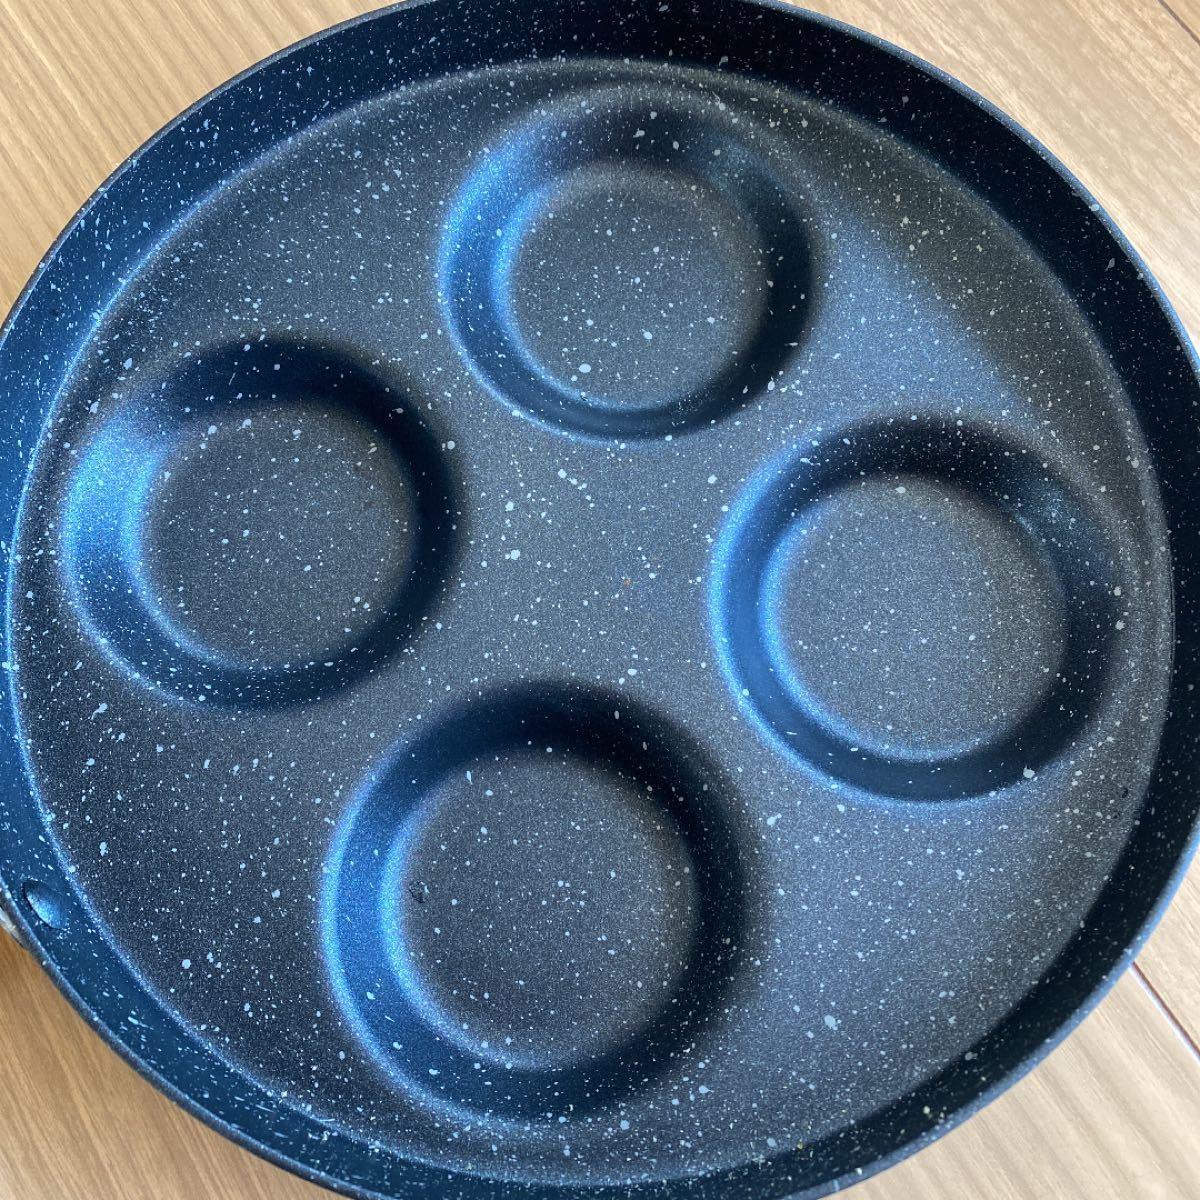 フライパン 卵焼き用フライパン たまごやき 4個取り ガス専用